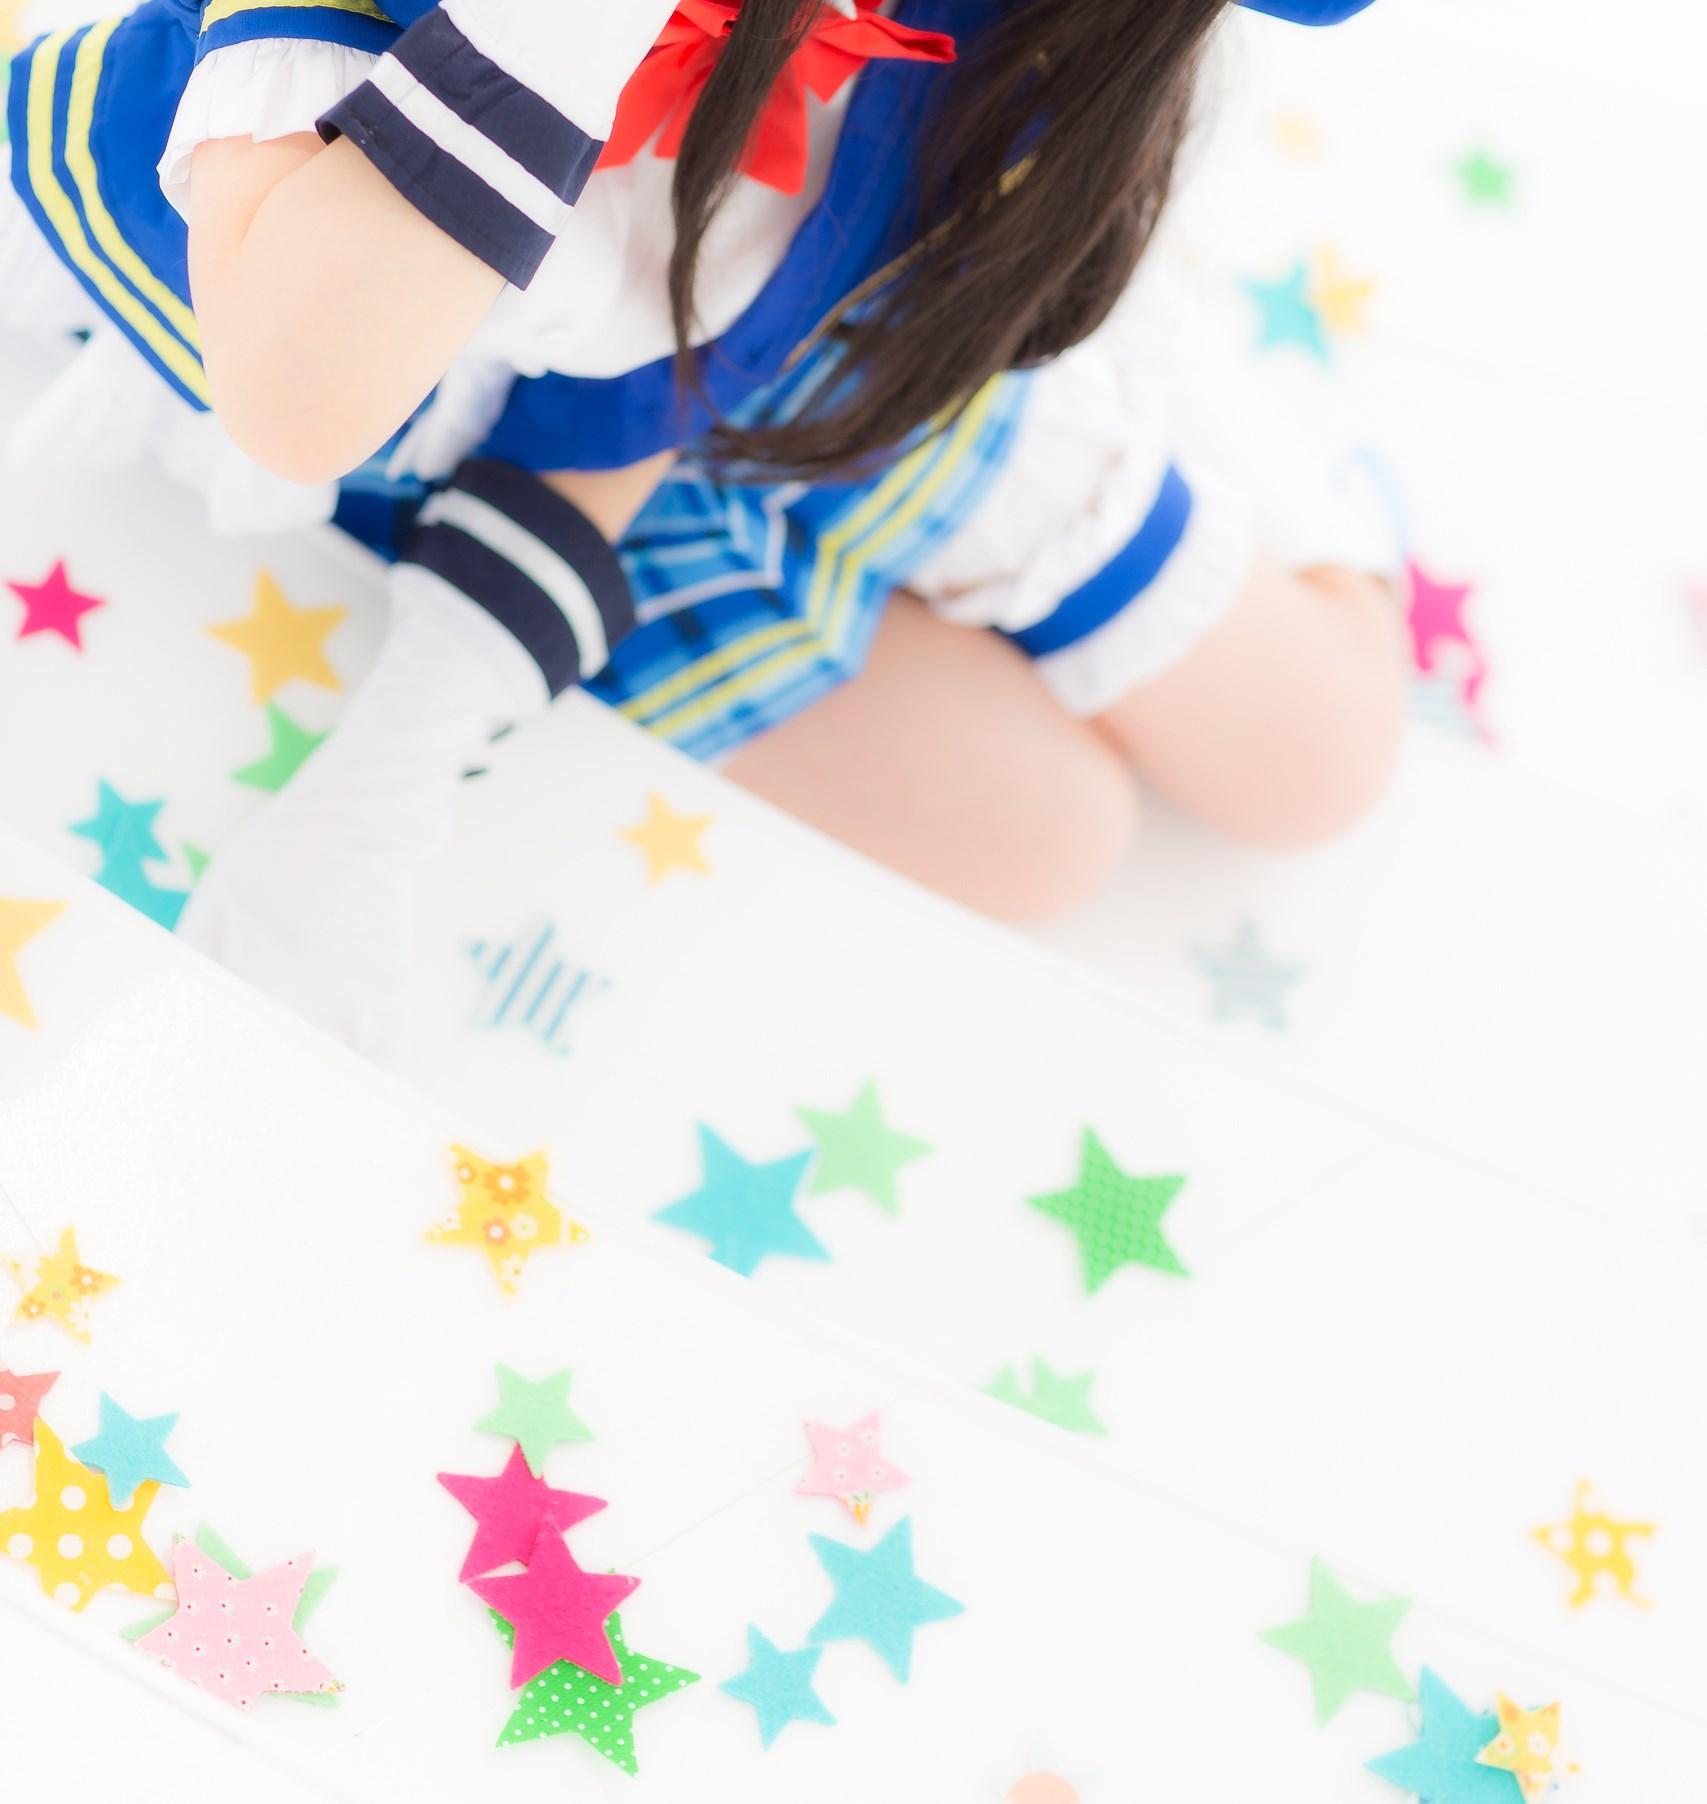 【兔玩映画】少女制服爱豆 兔玩映画 第53张